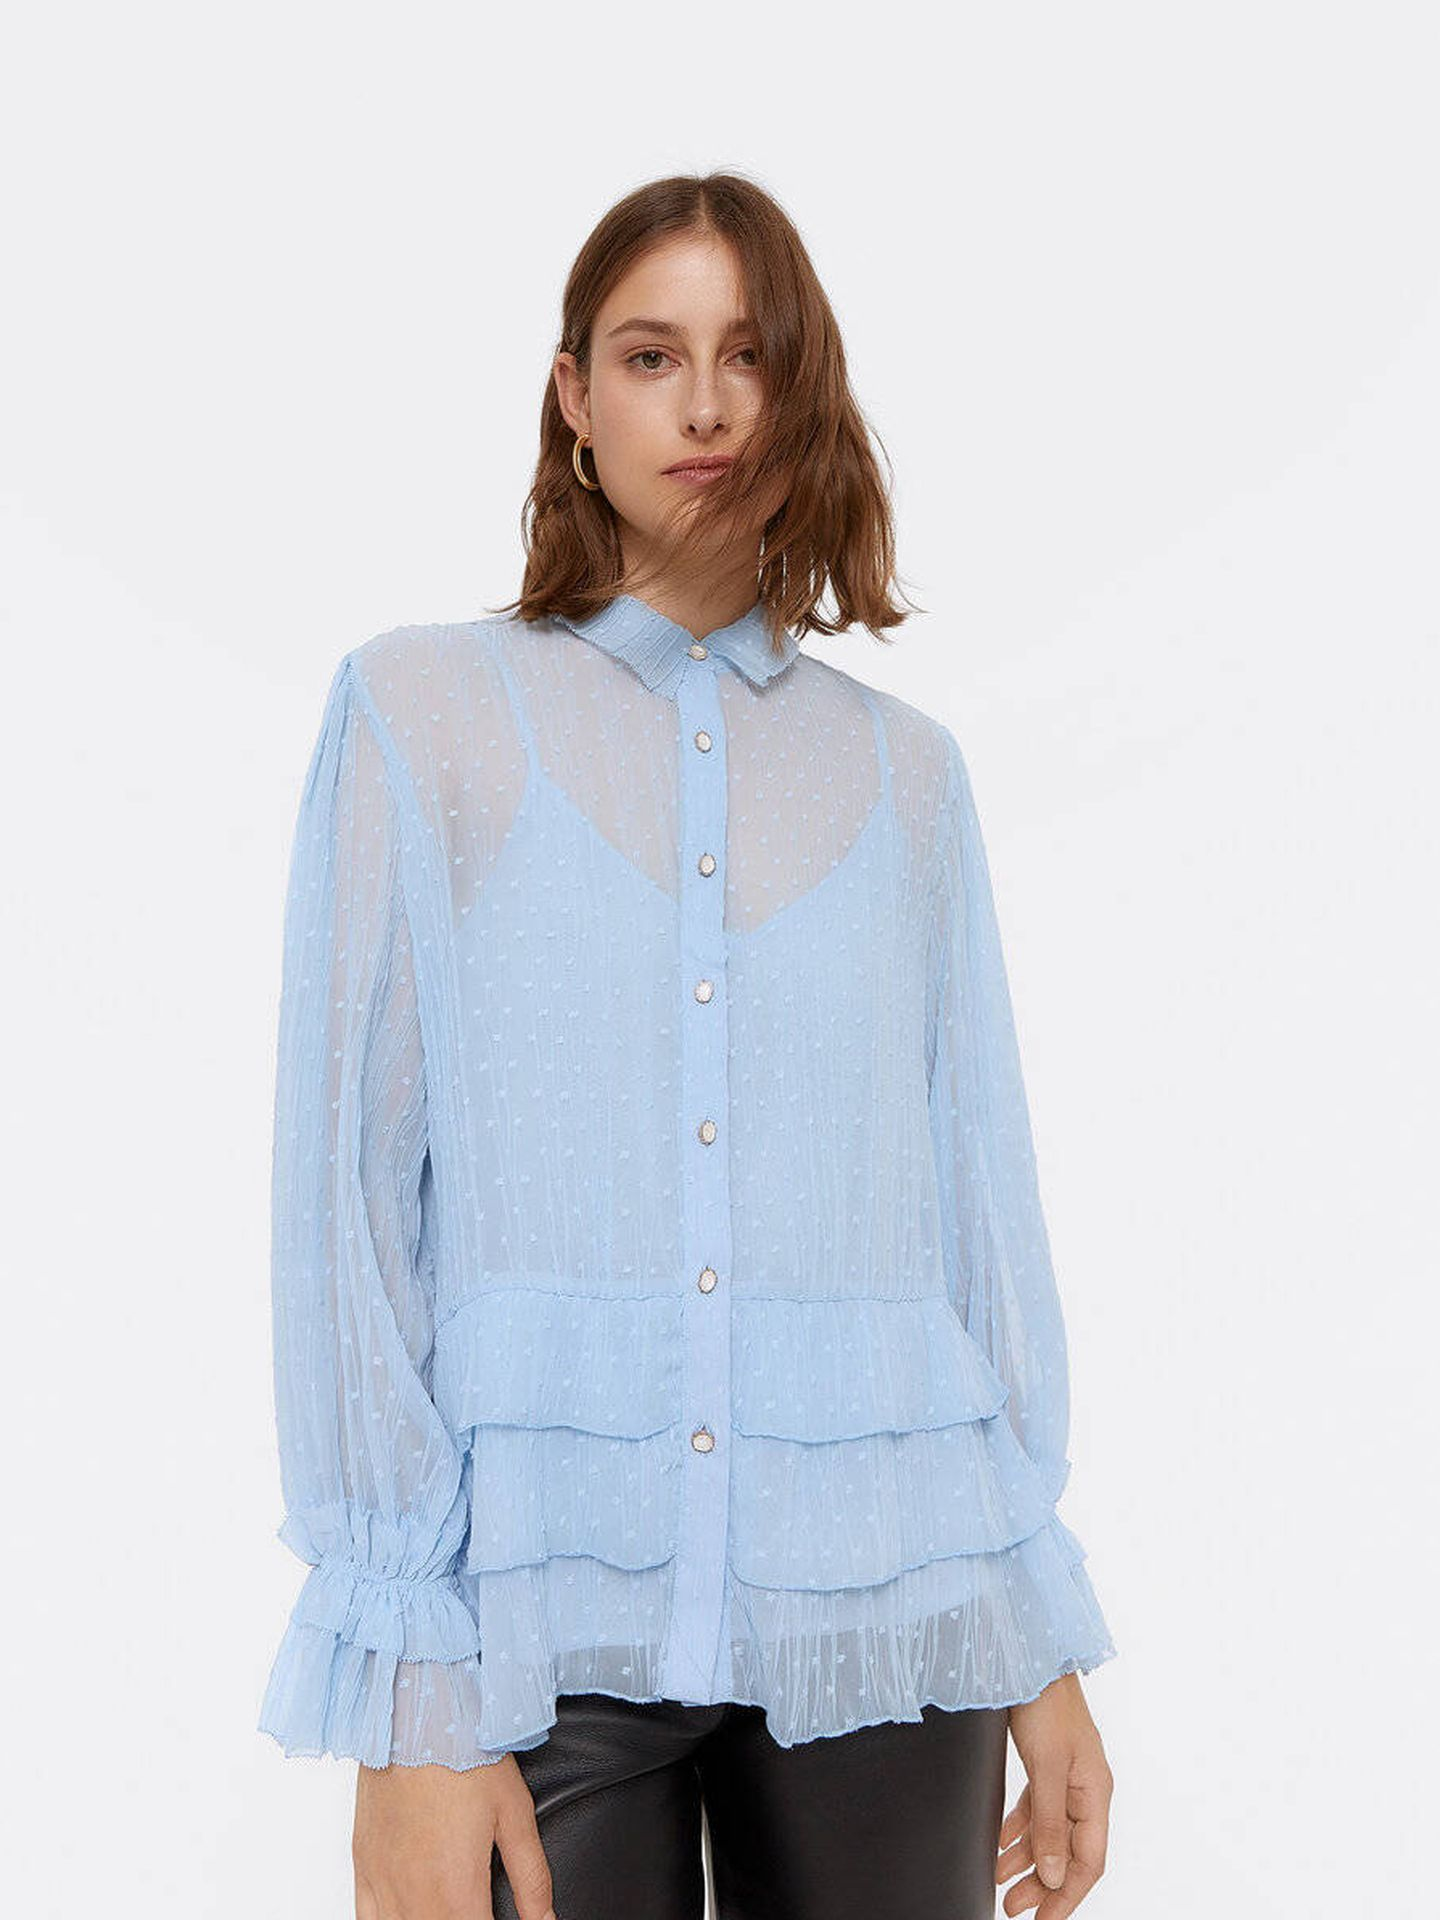 La camisa azul cielo de plumeti de Uterqüe. (Cortesía)